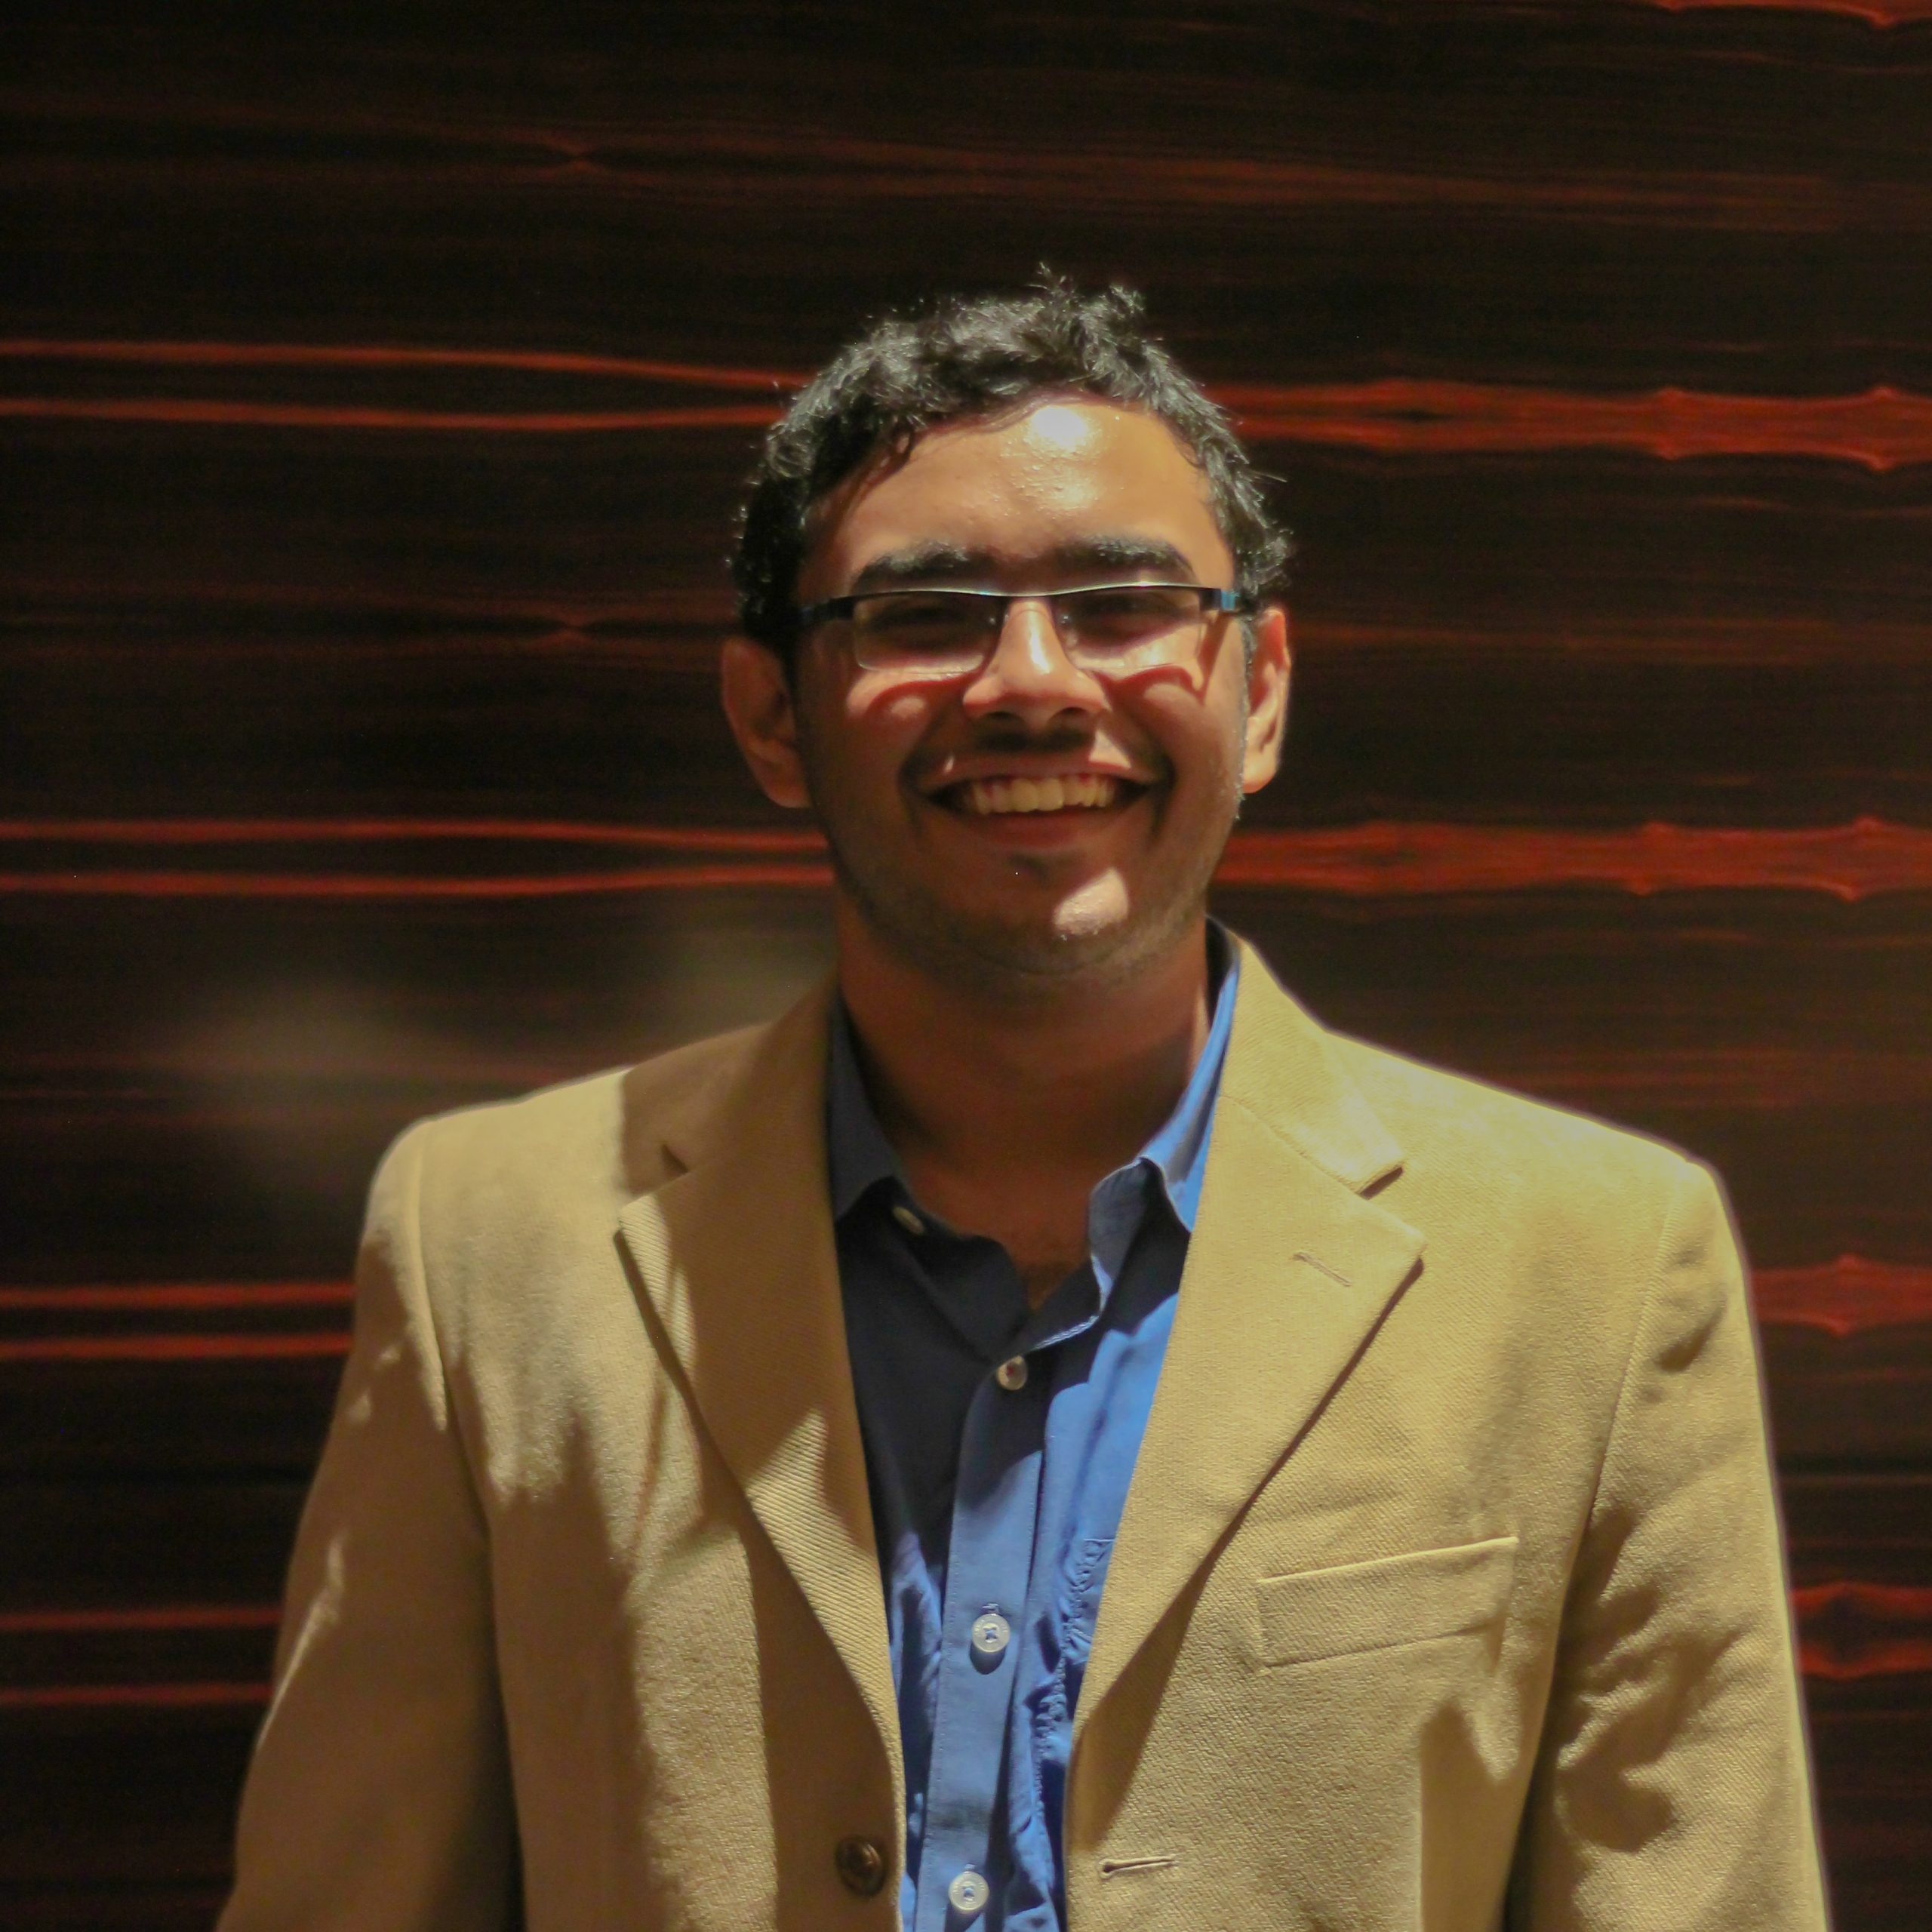 Aadit Joshi